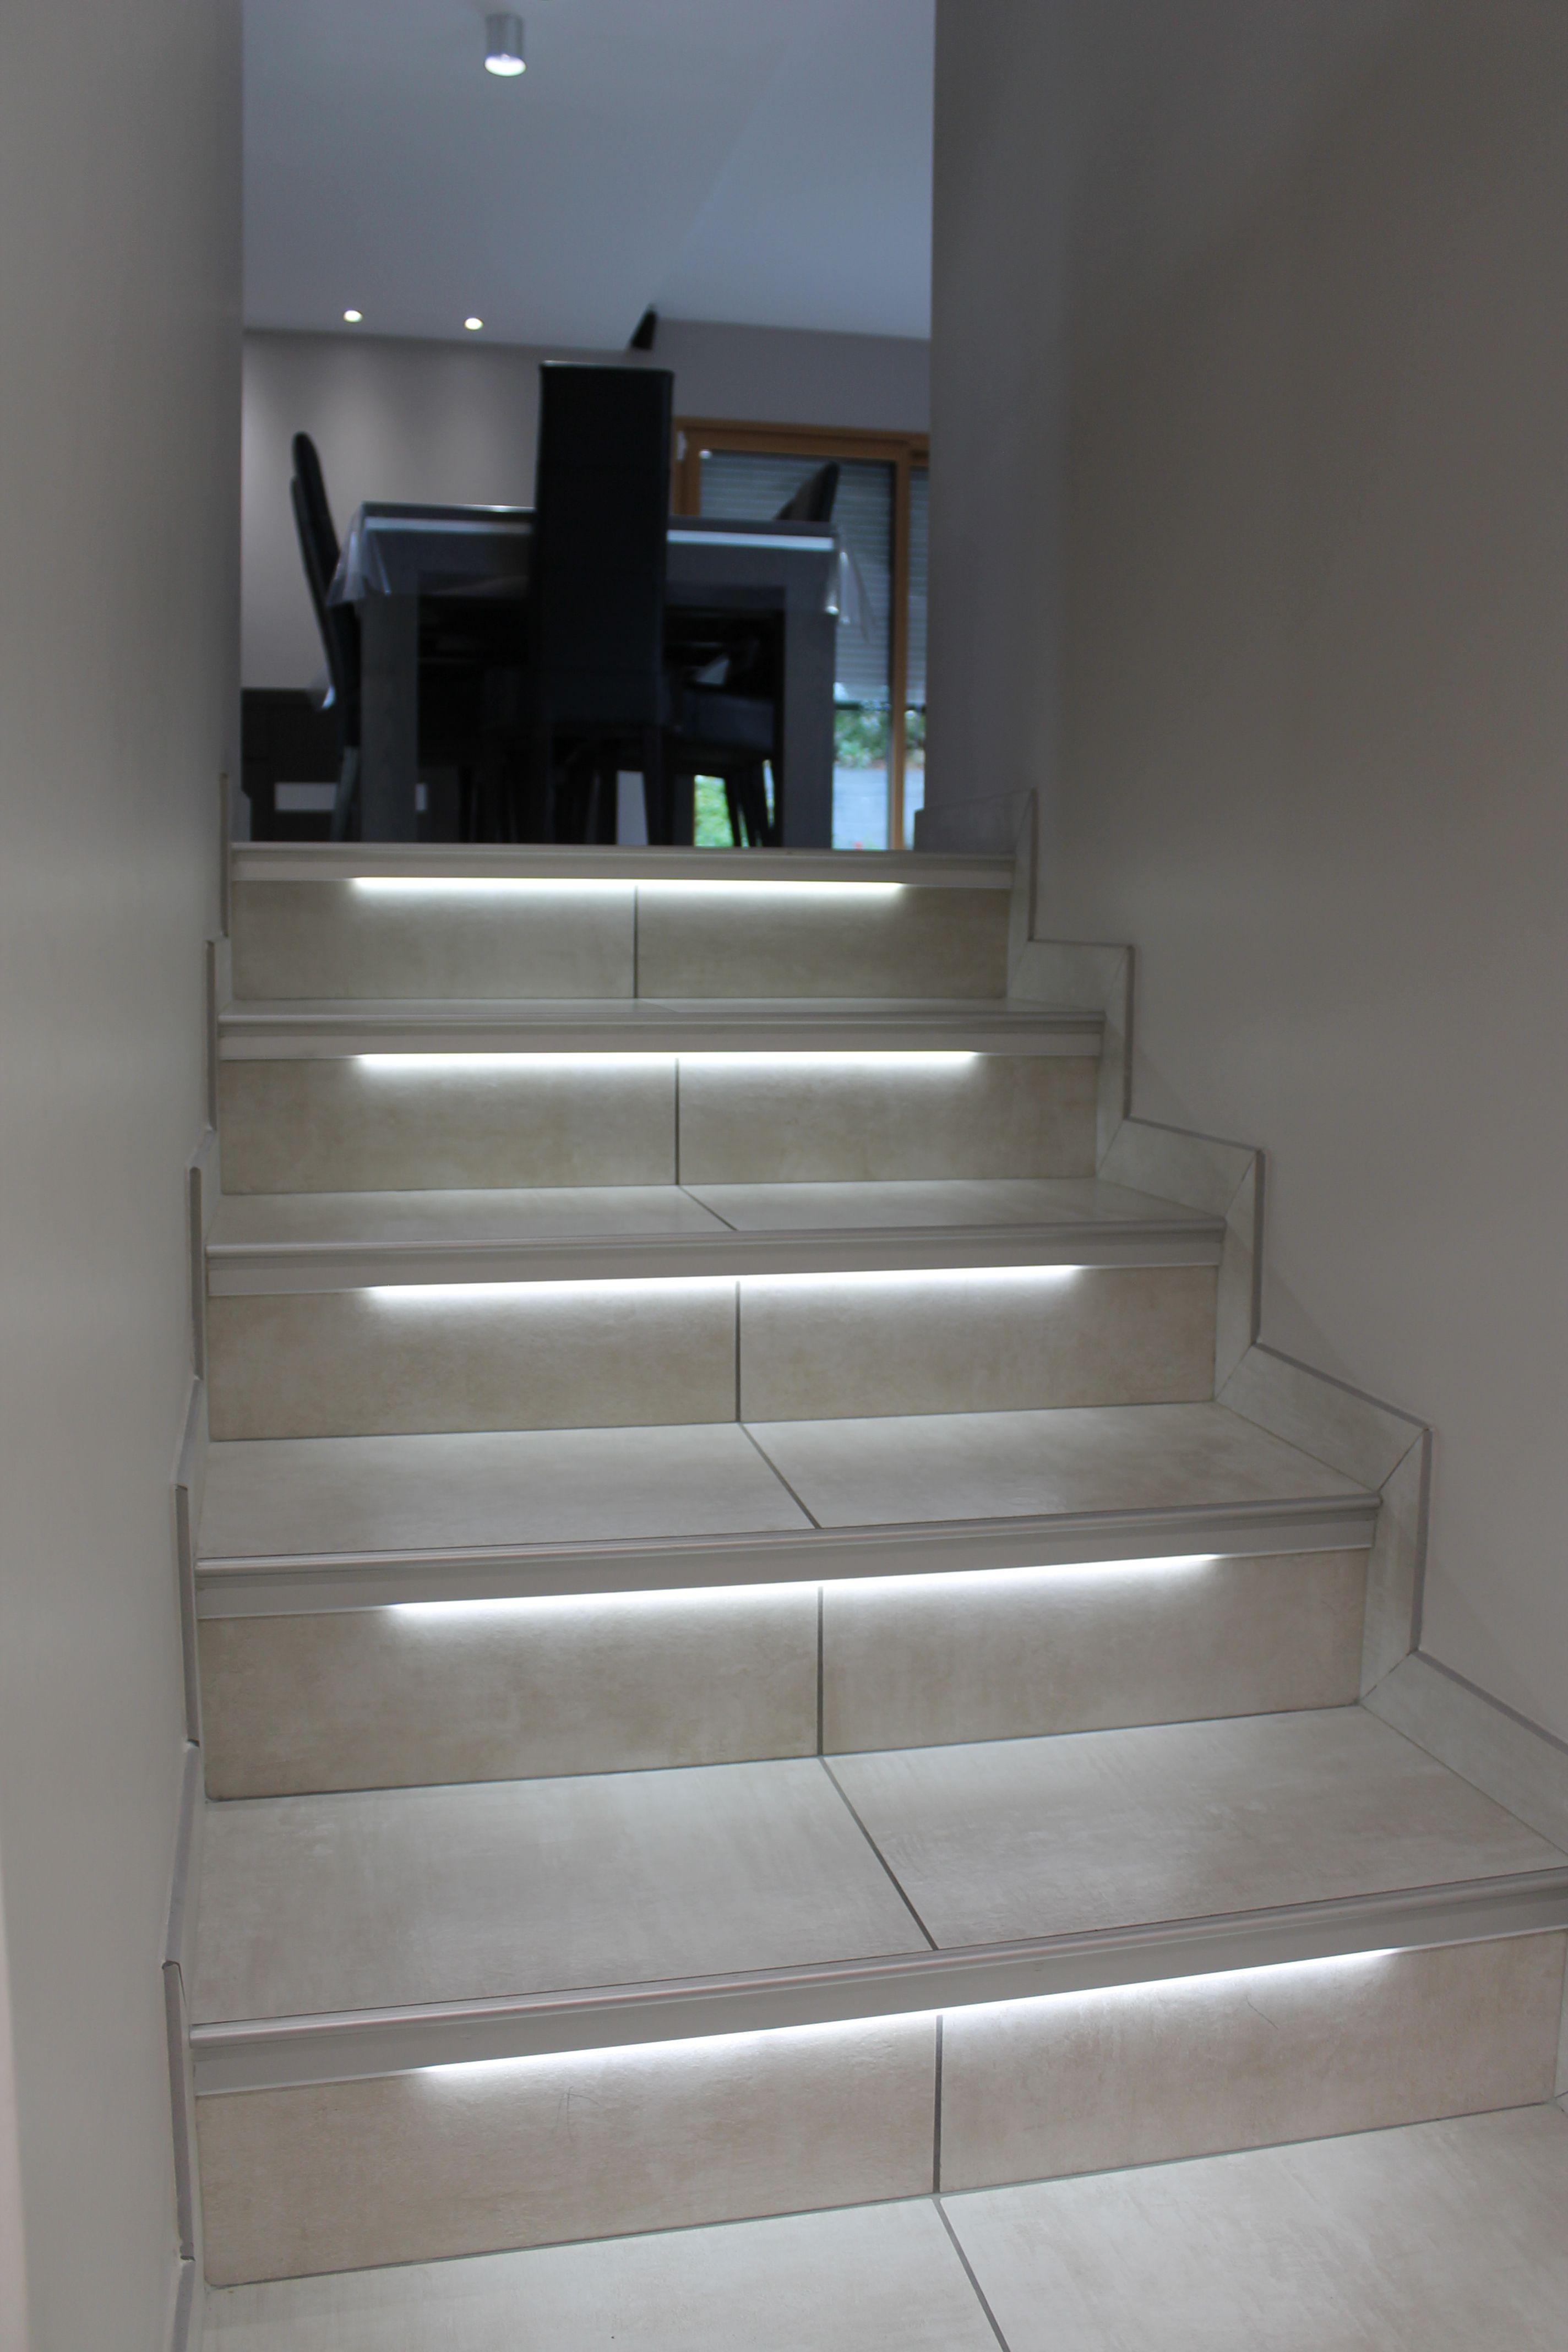 Bien Dans Ma Deco Nez De Marche Eclaires Par Du Led Integre Baptise Eclairage De Balisage Led Escalier Nez De Marche Escalier Marche Escalier